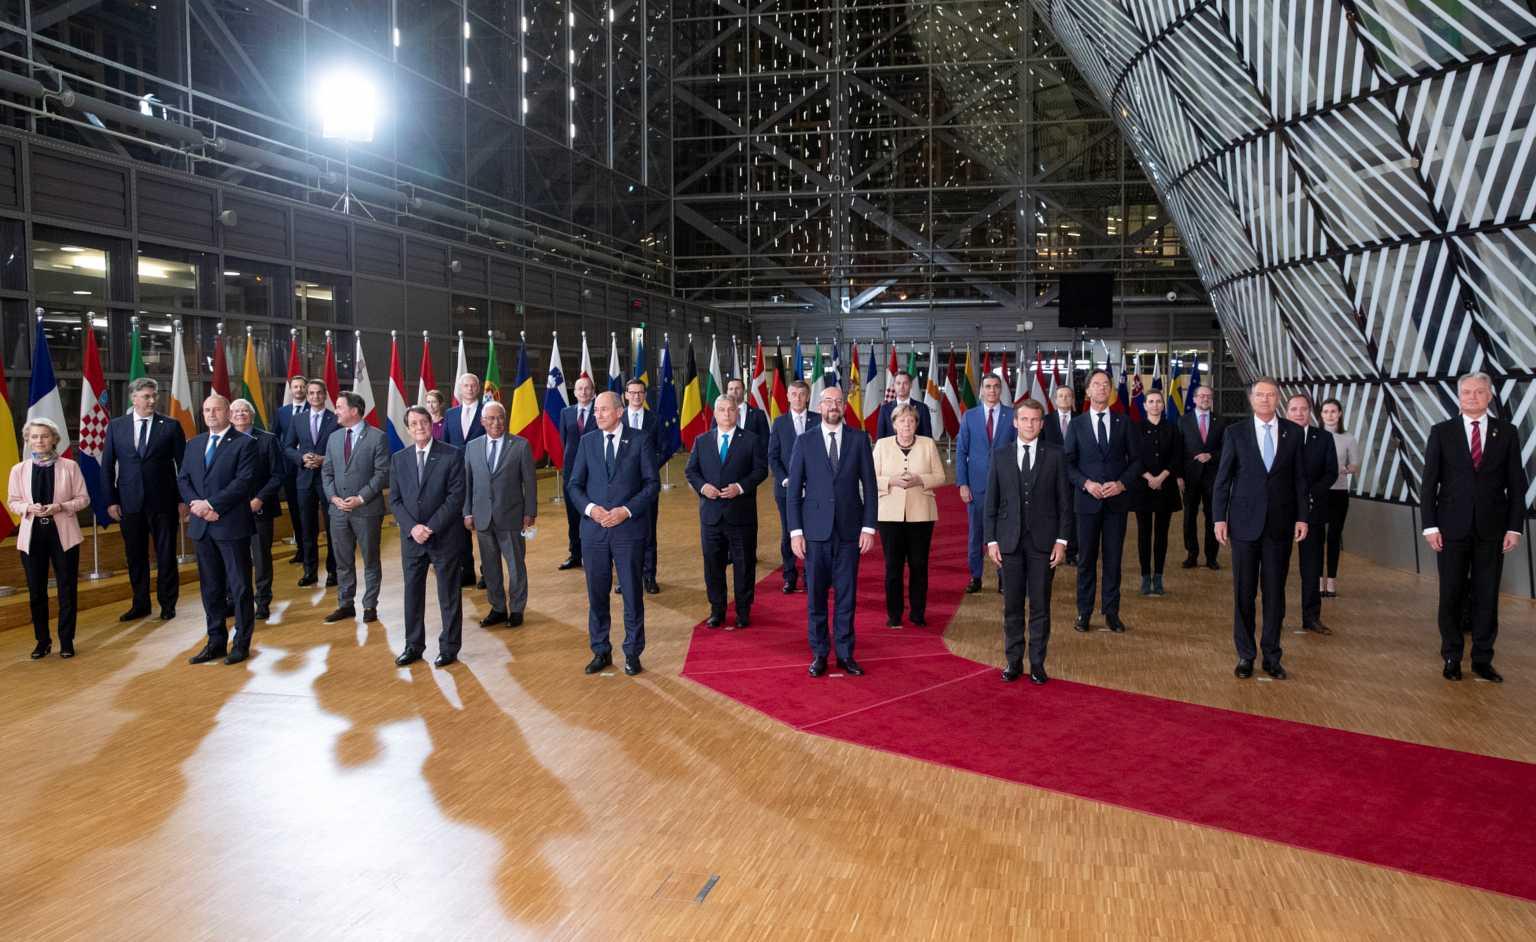 Αποθέωσαν την Άνγκελα Μέρκελ οι 27 στην τελευταία της Σύνοδο Κορυφής